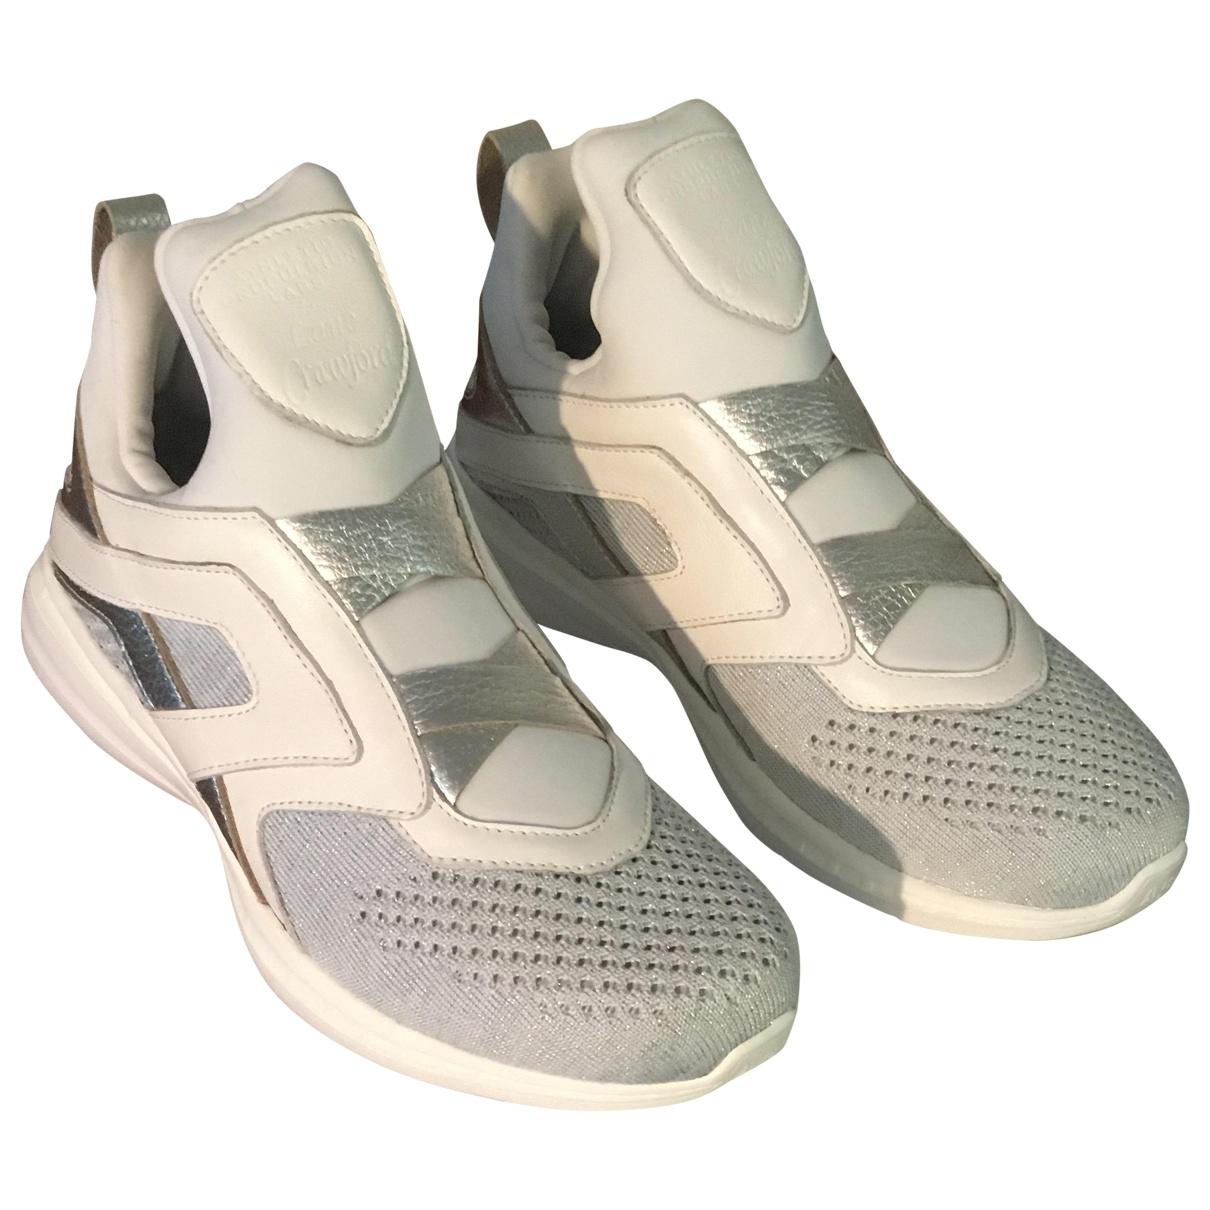 Apl Athletic Propulsion Labs - Baskets   pour femme en cuir - blanc